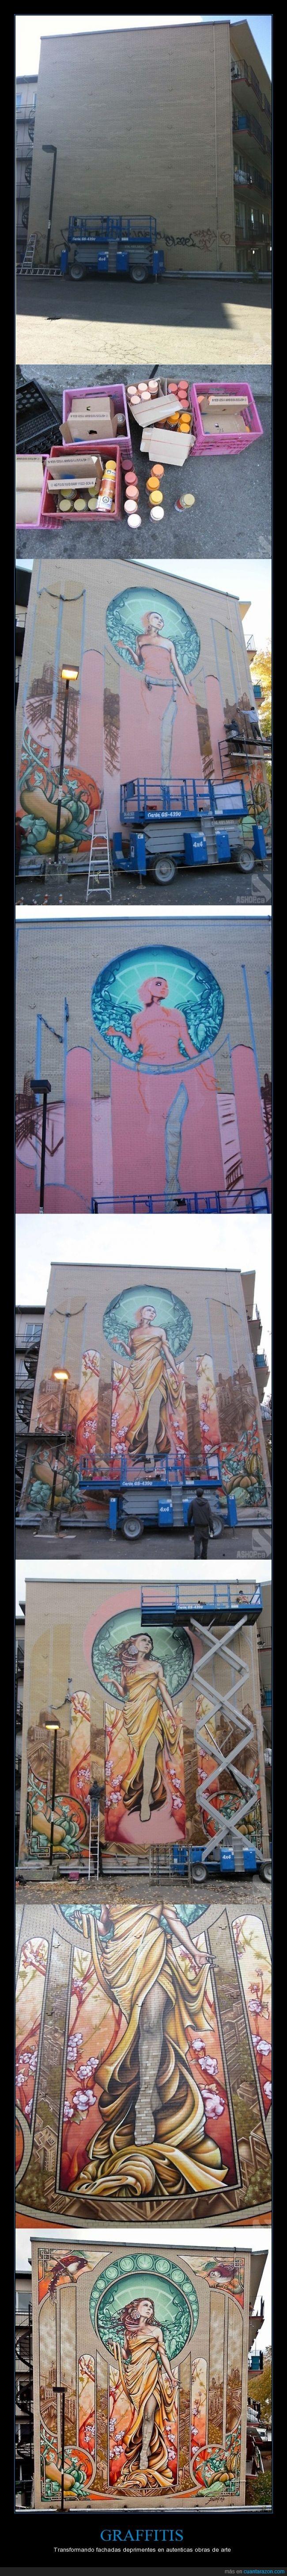 arte,fachada,grafitti,mujer,pared,pintura